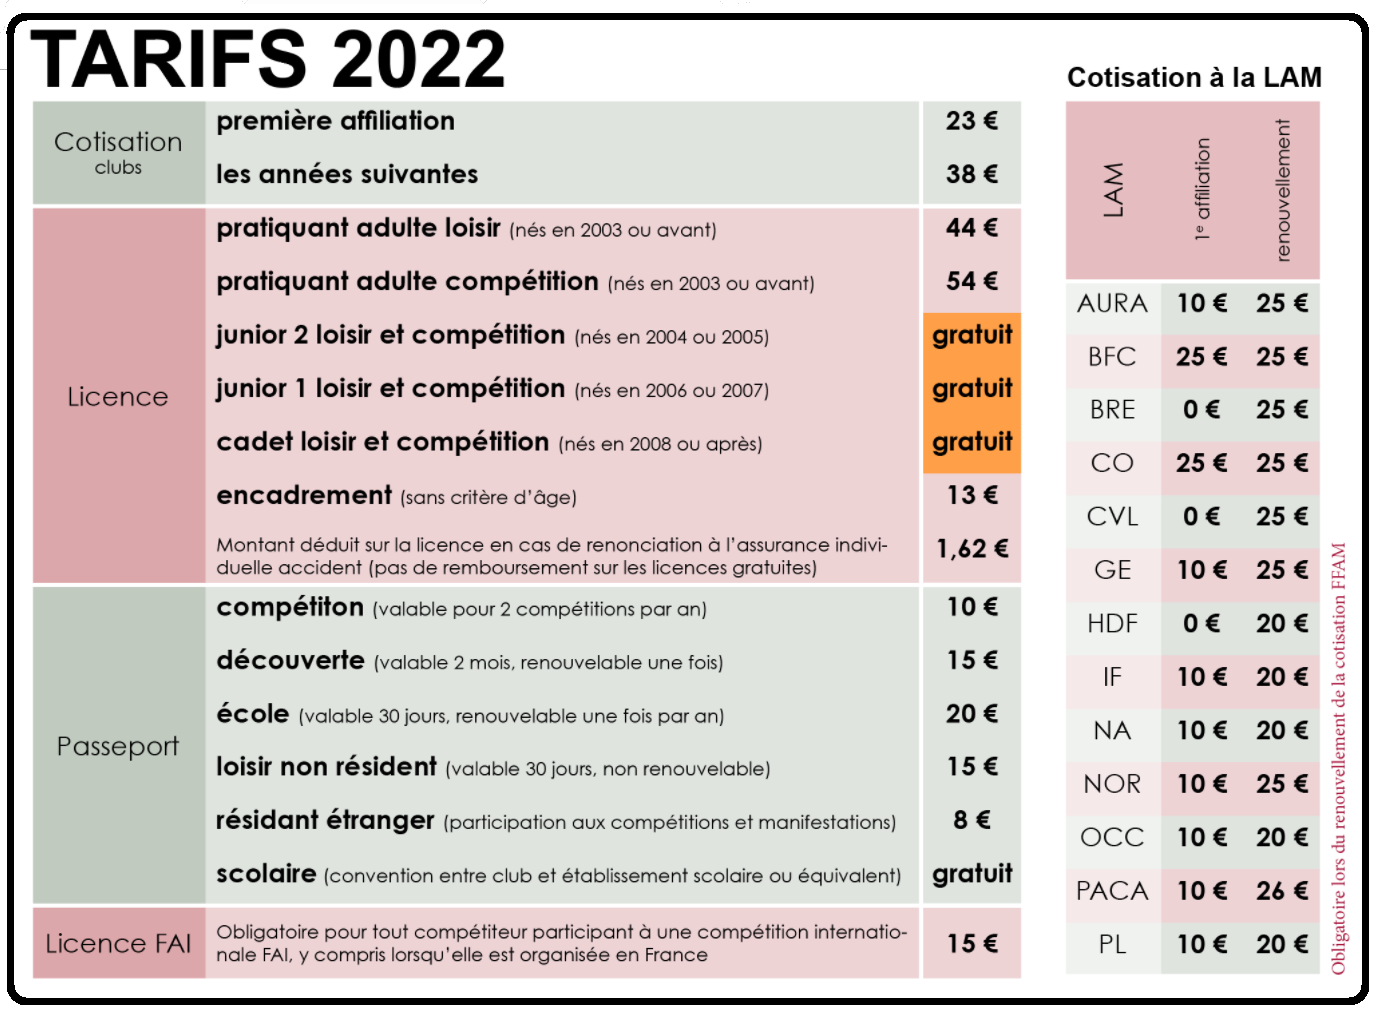 Ffam tarif 2022